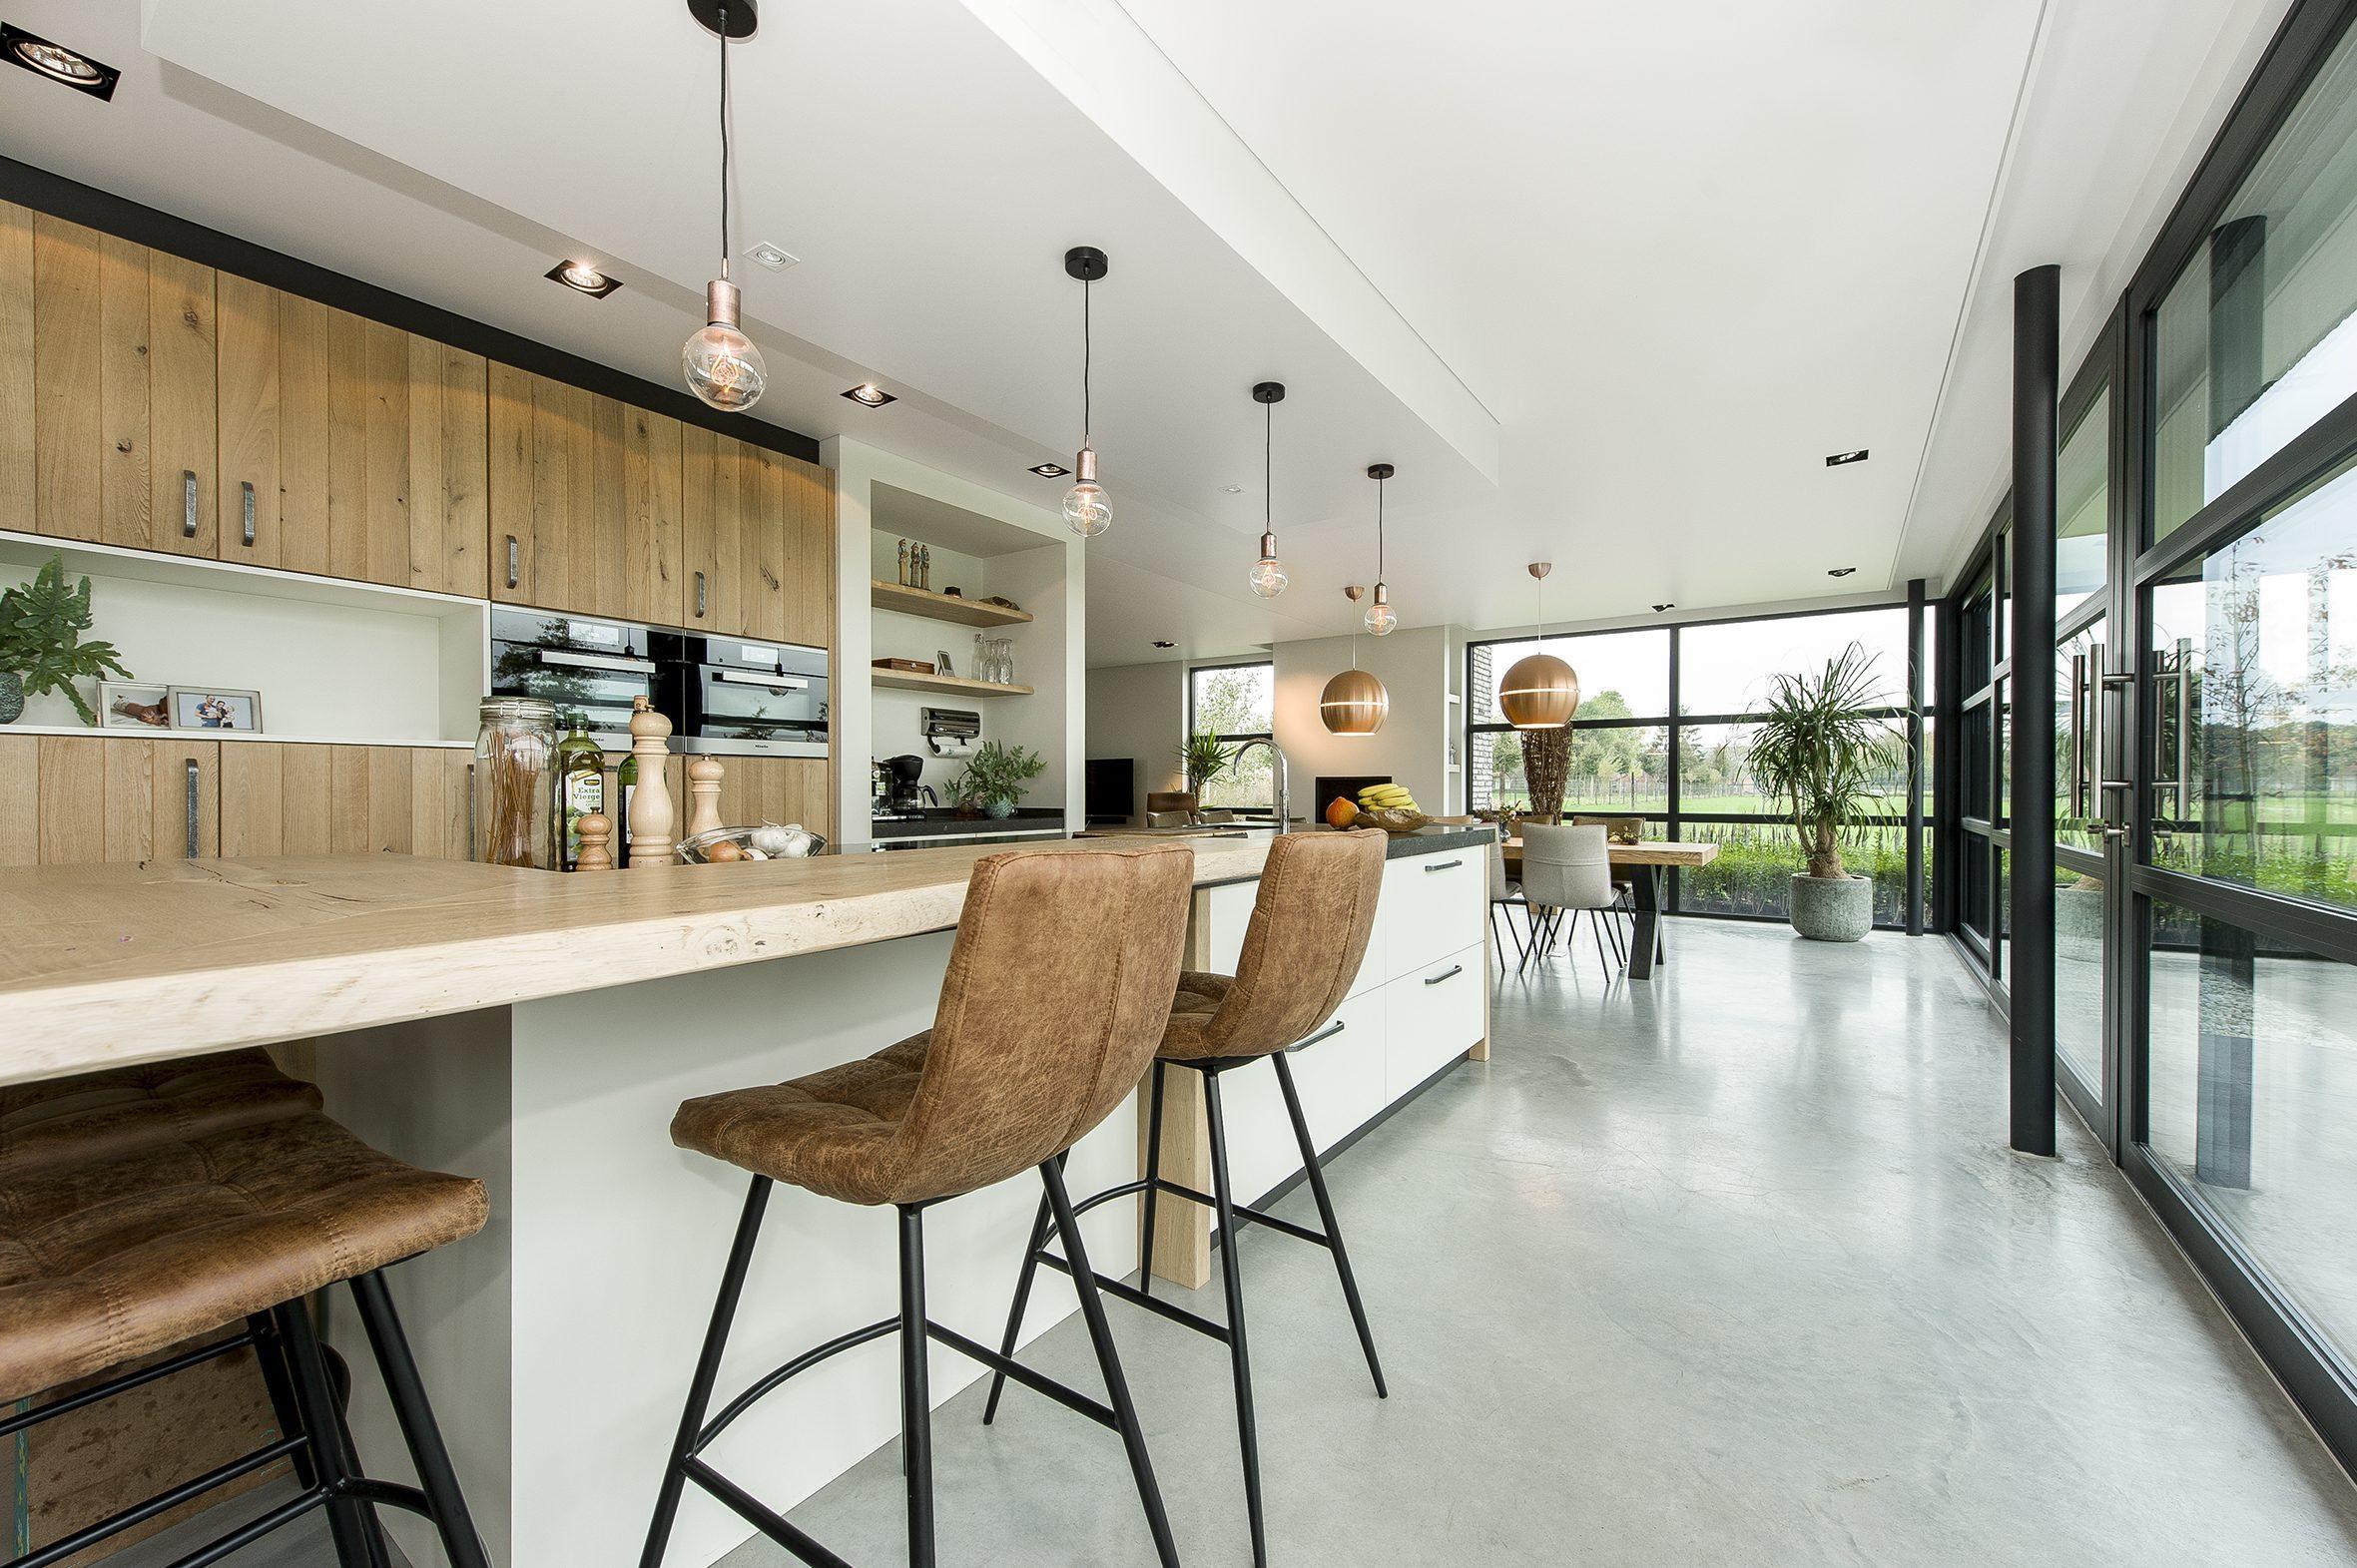 Spanplafond in een keuken een van de voordelen van een spanplafond is dat het akoestiek enorm verbeterd